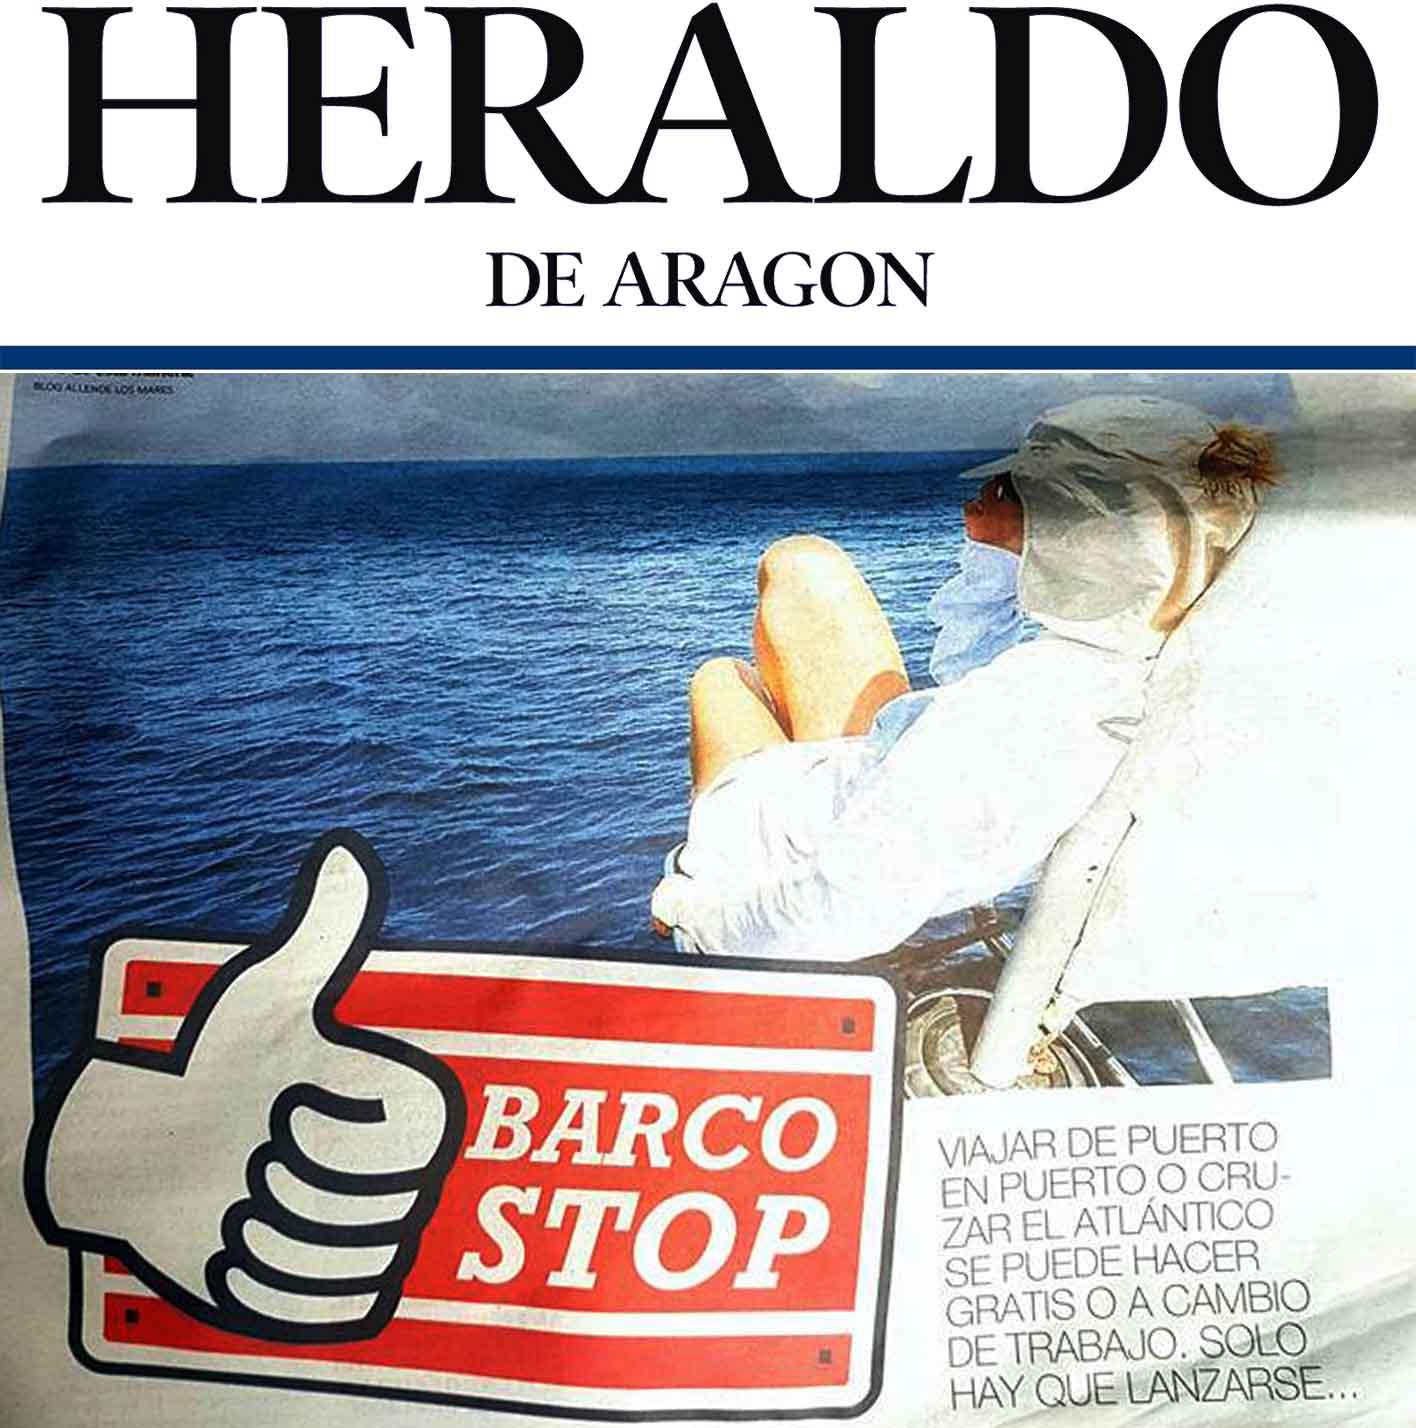 Heraldo de Aragón entrevista a Allende los mares sobre Barcostop